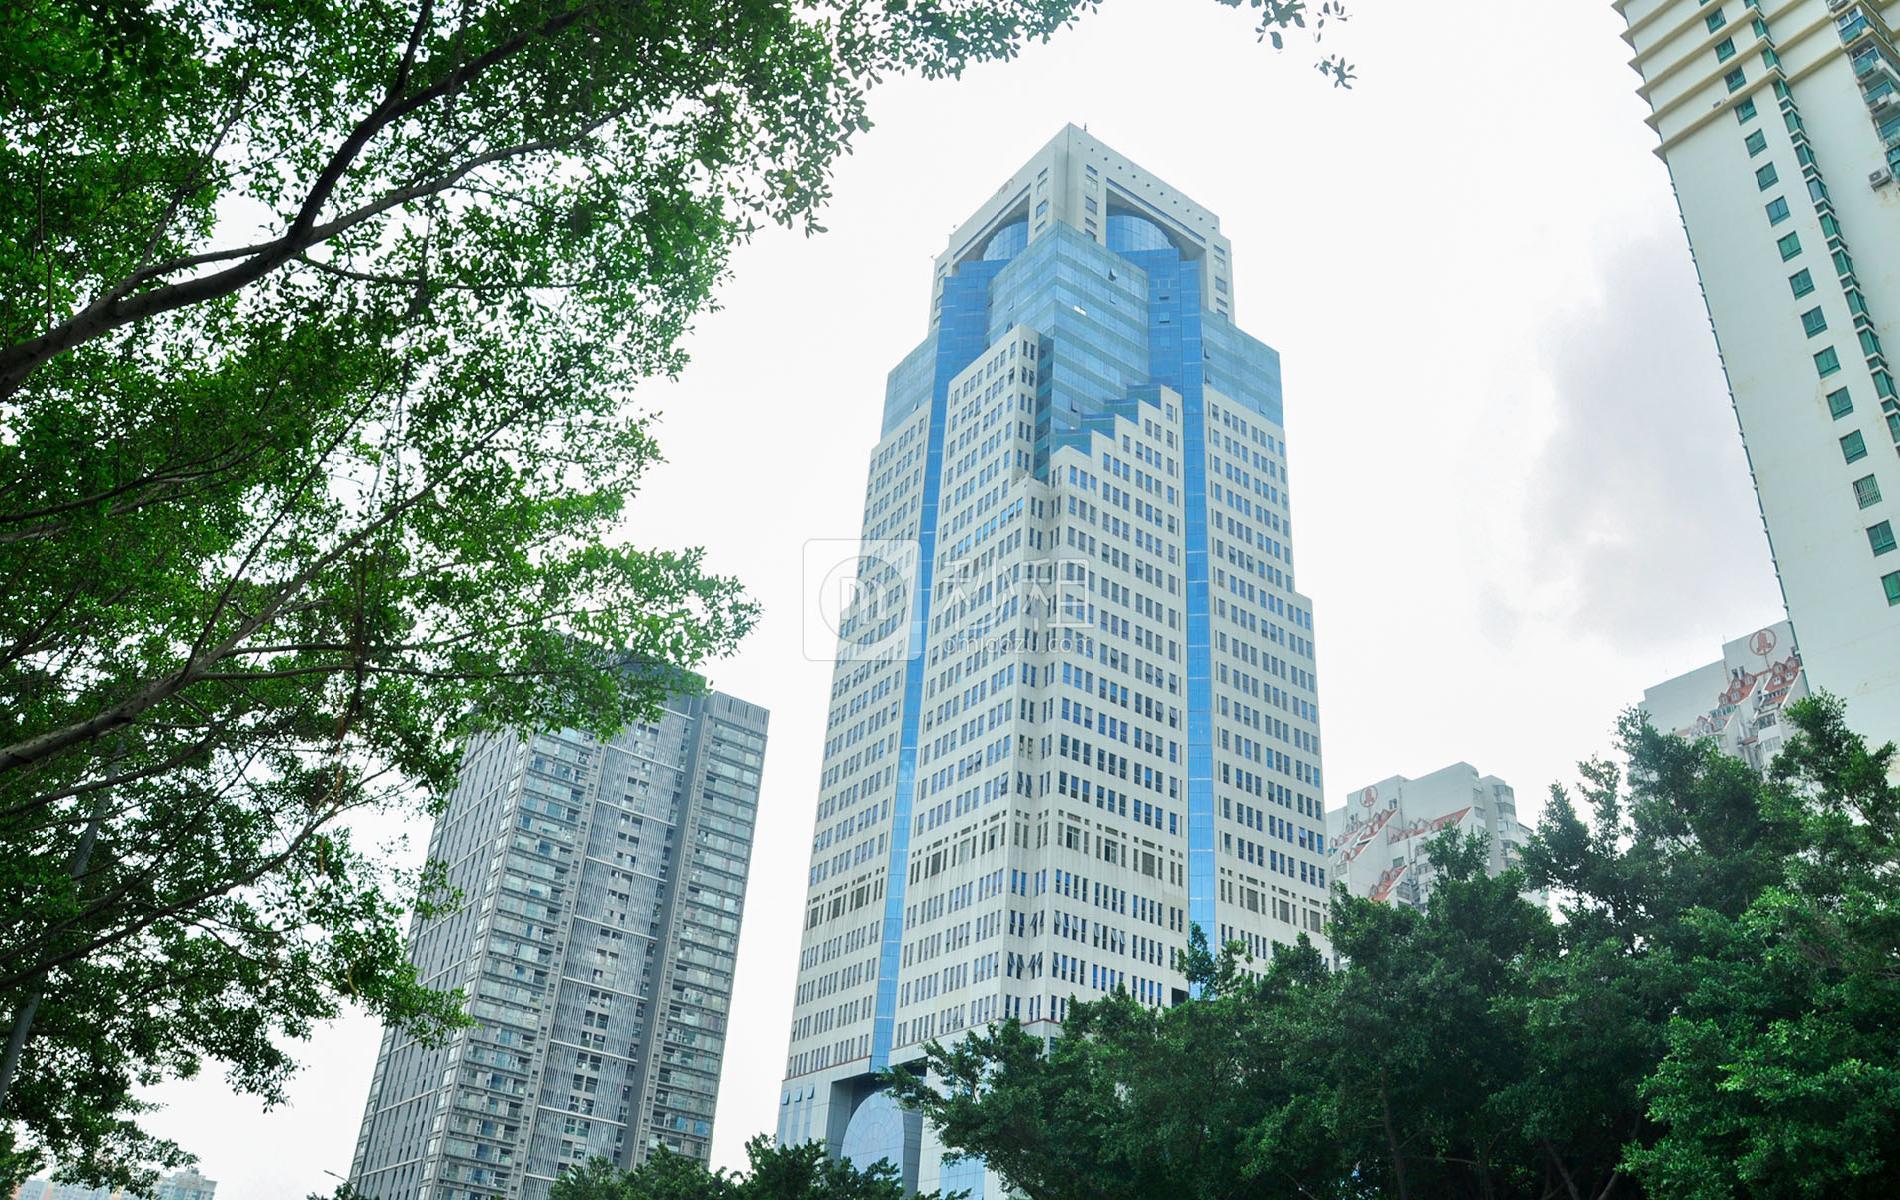 皇城广场写字楼出租/招租/租赁,皇城广场办公室出租/招租/租赁